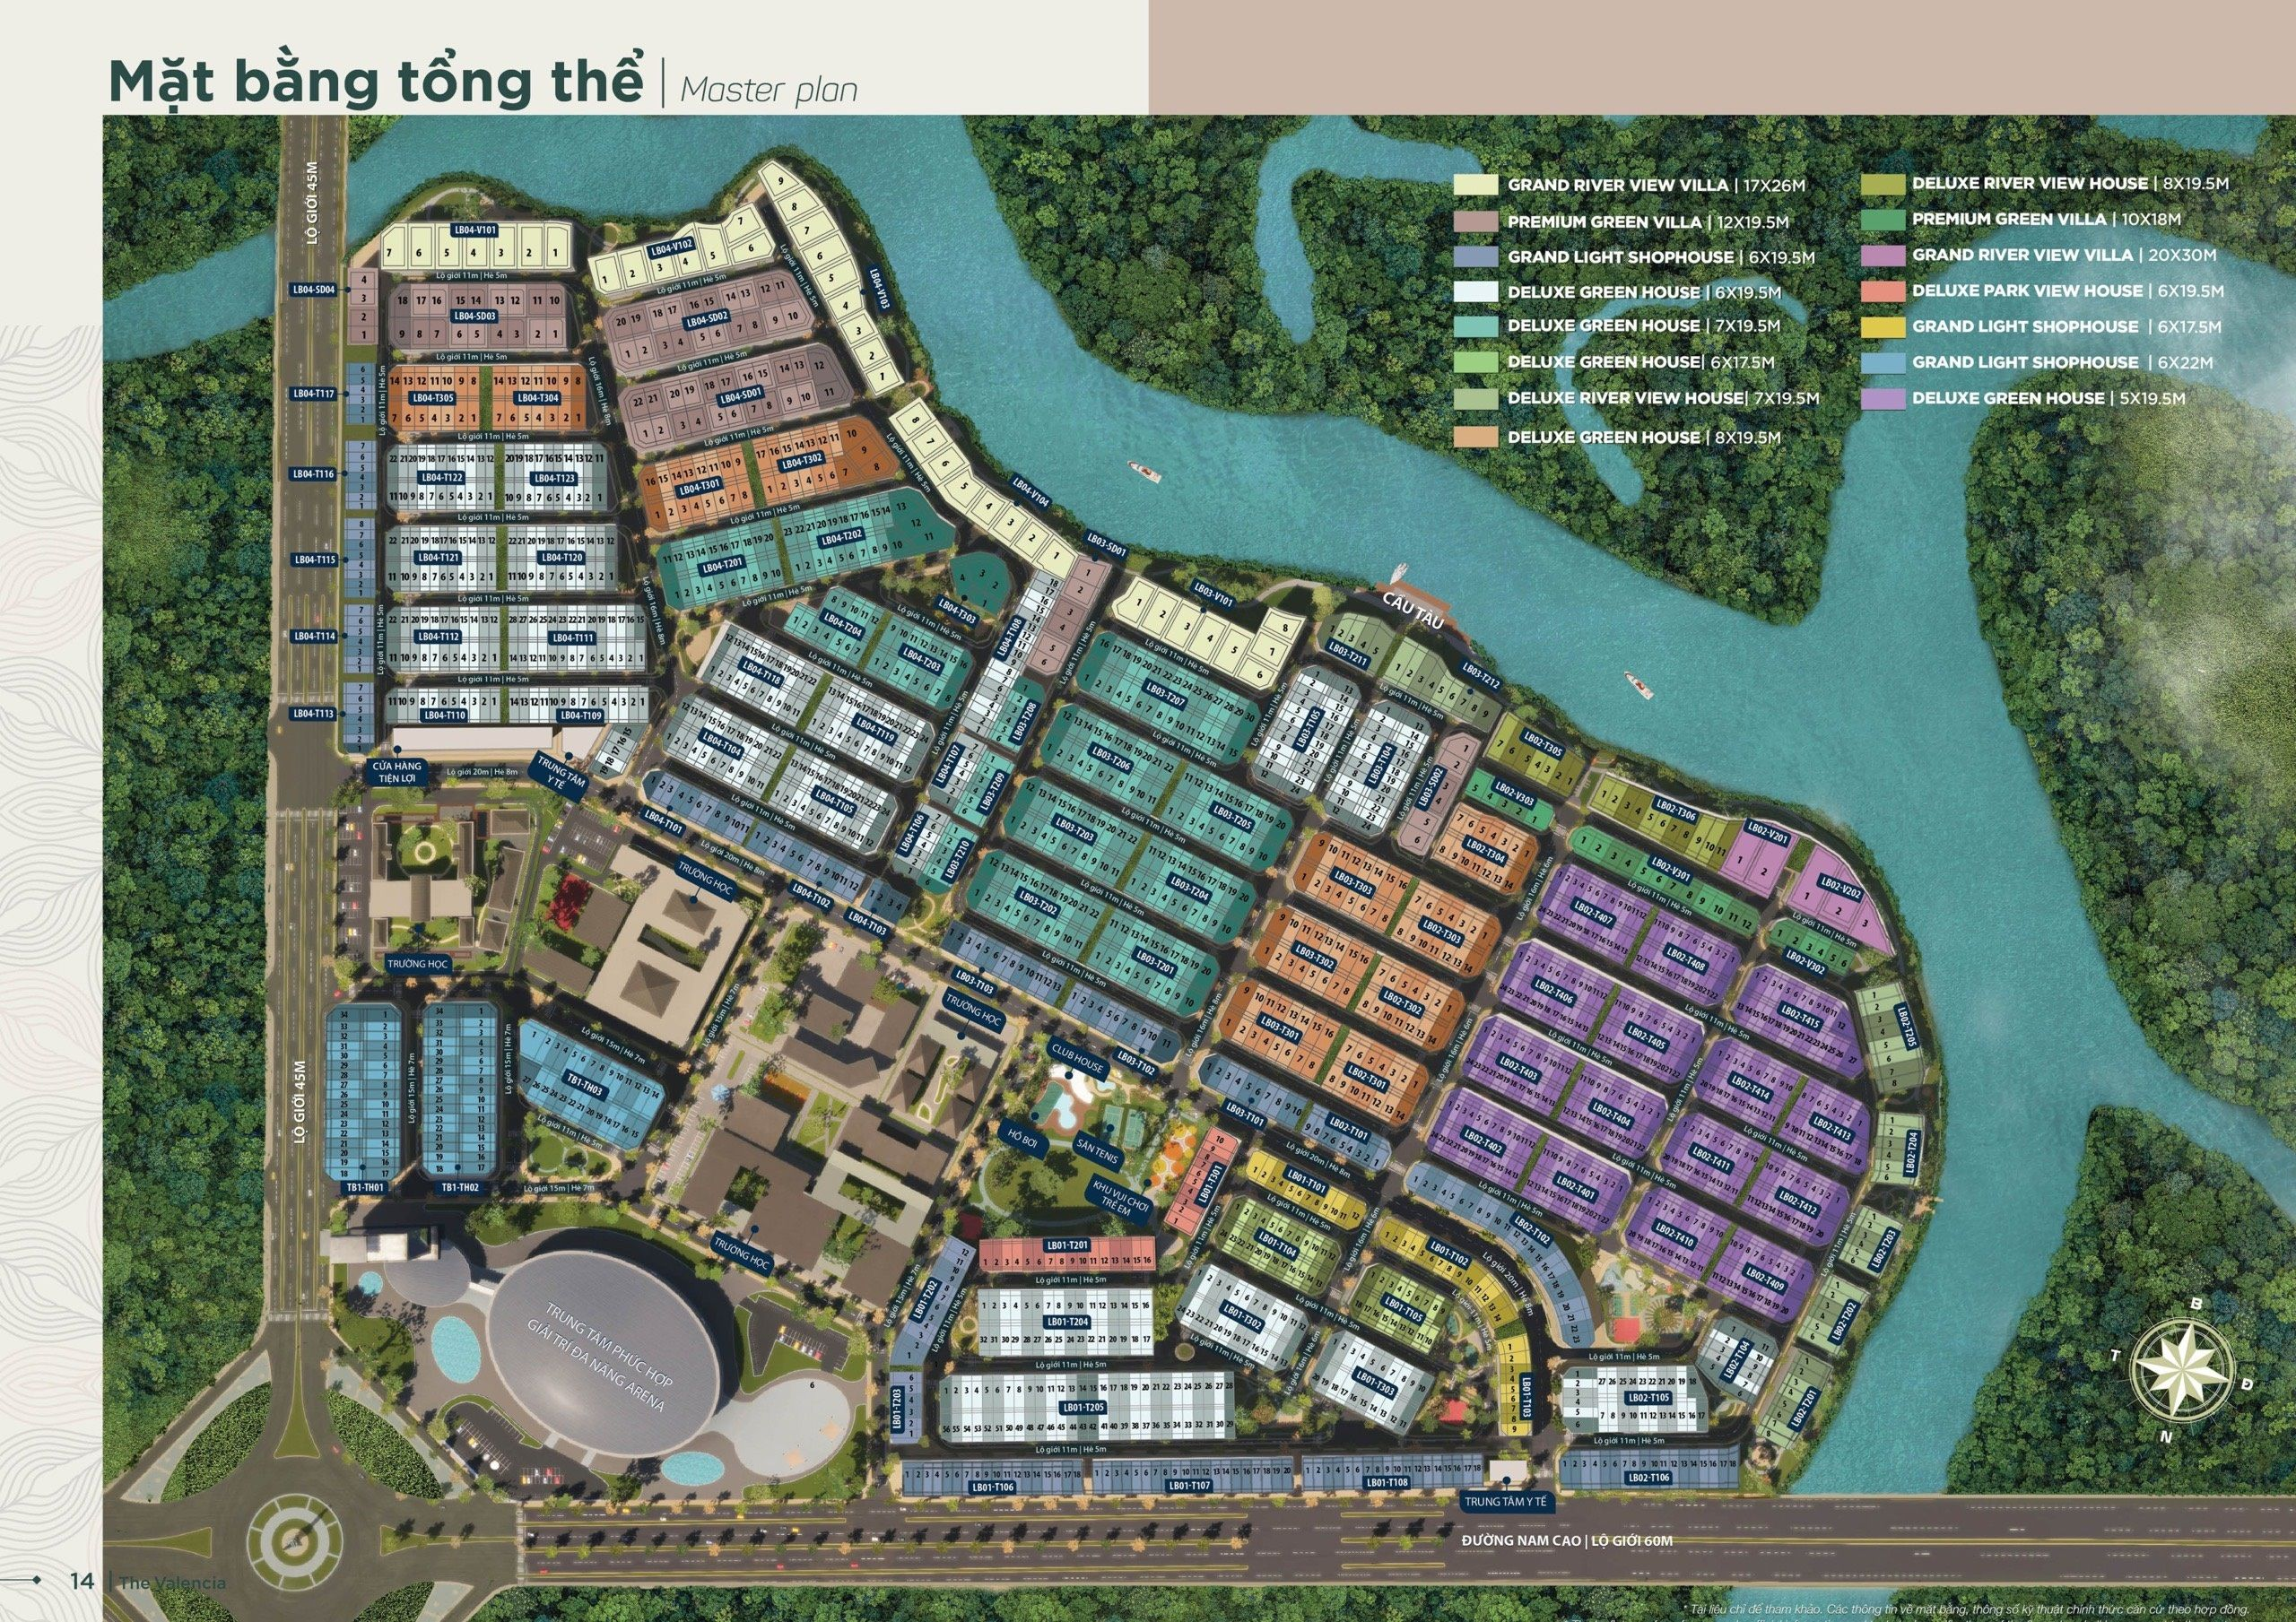 Mặt bằng chi tiết phân khu Valencia dự án Aqua City